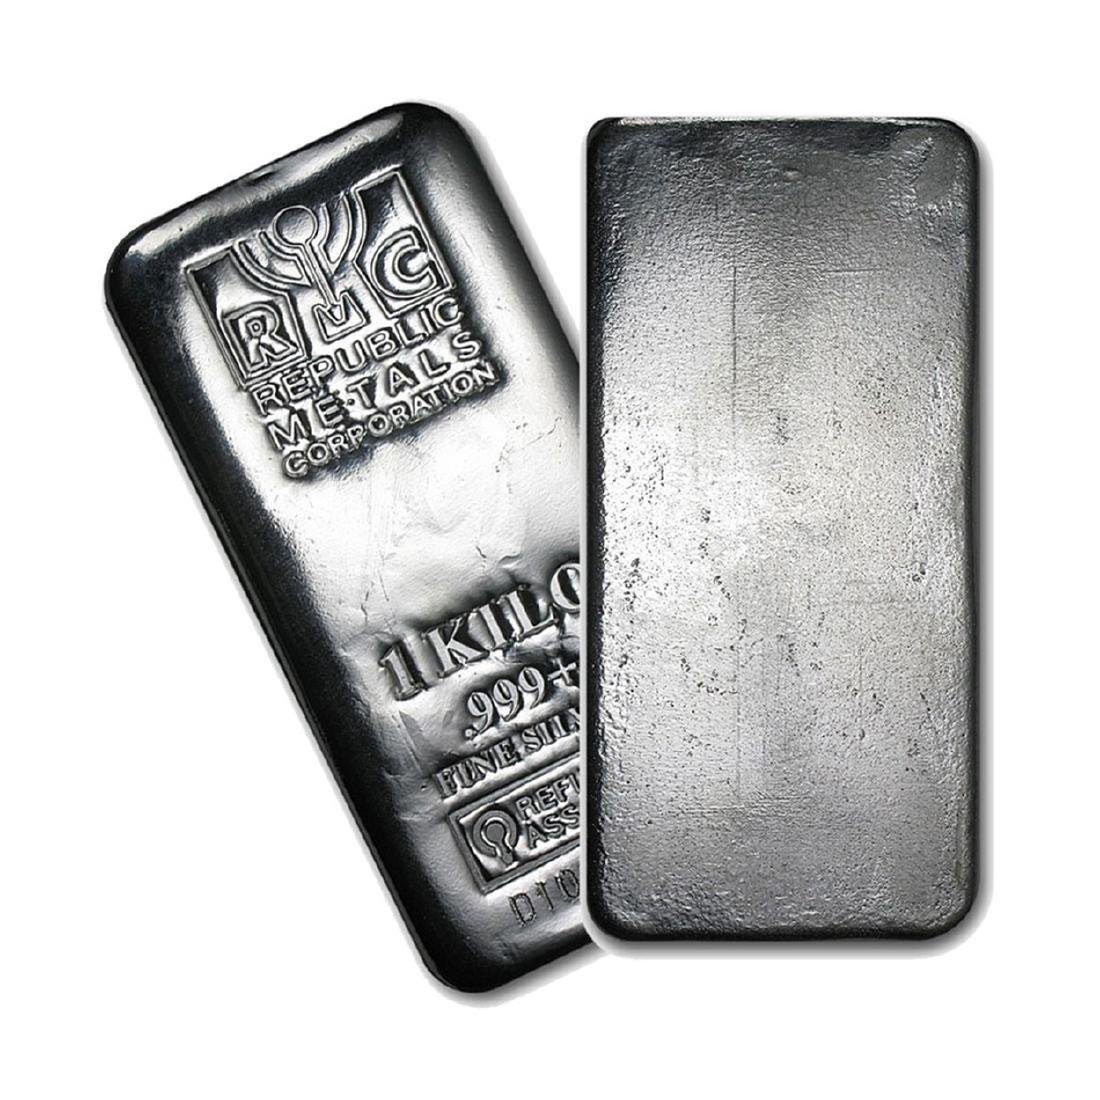 One piece 1 kilo 0.999 Fine Silver Bar Republic Metals